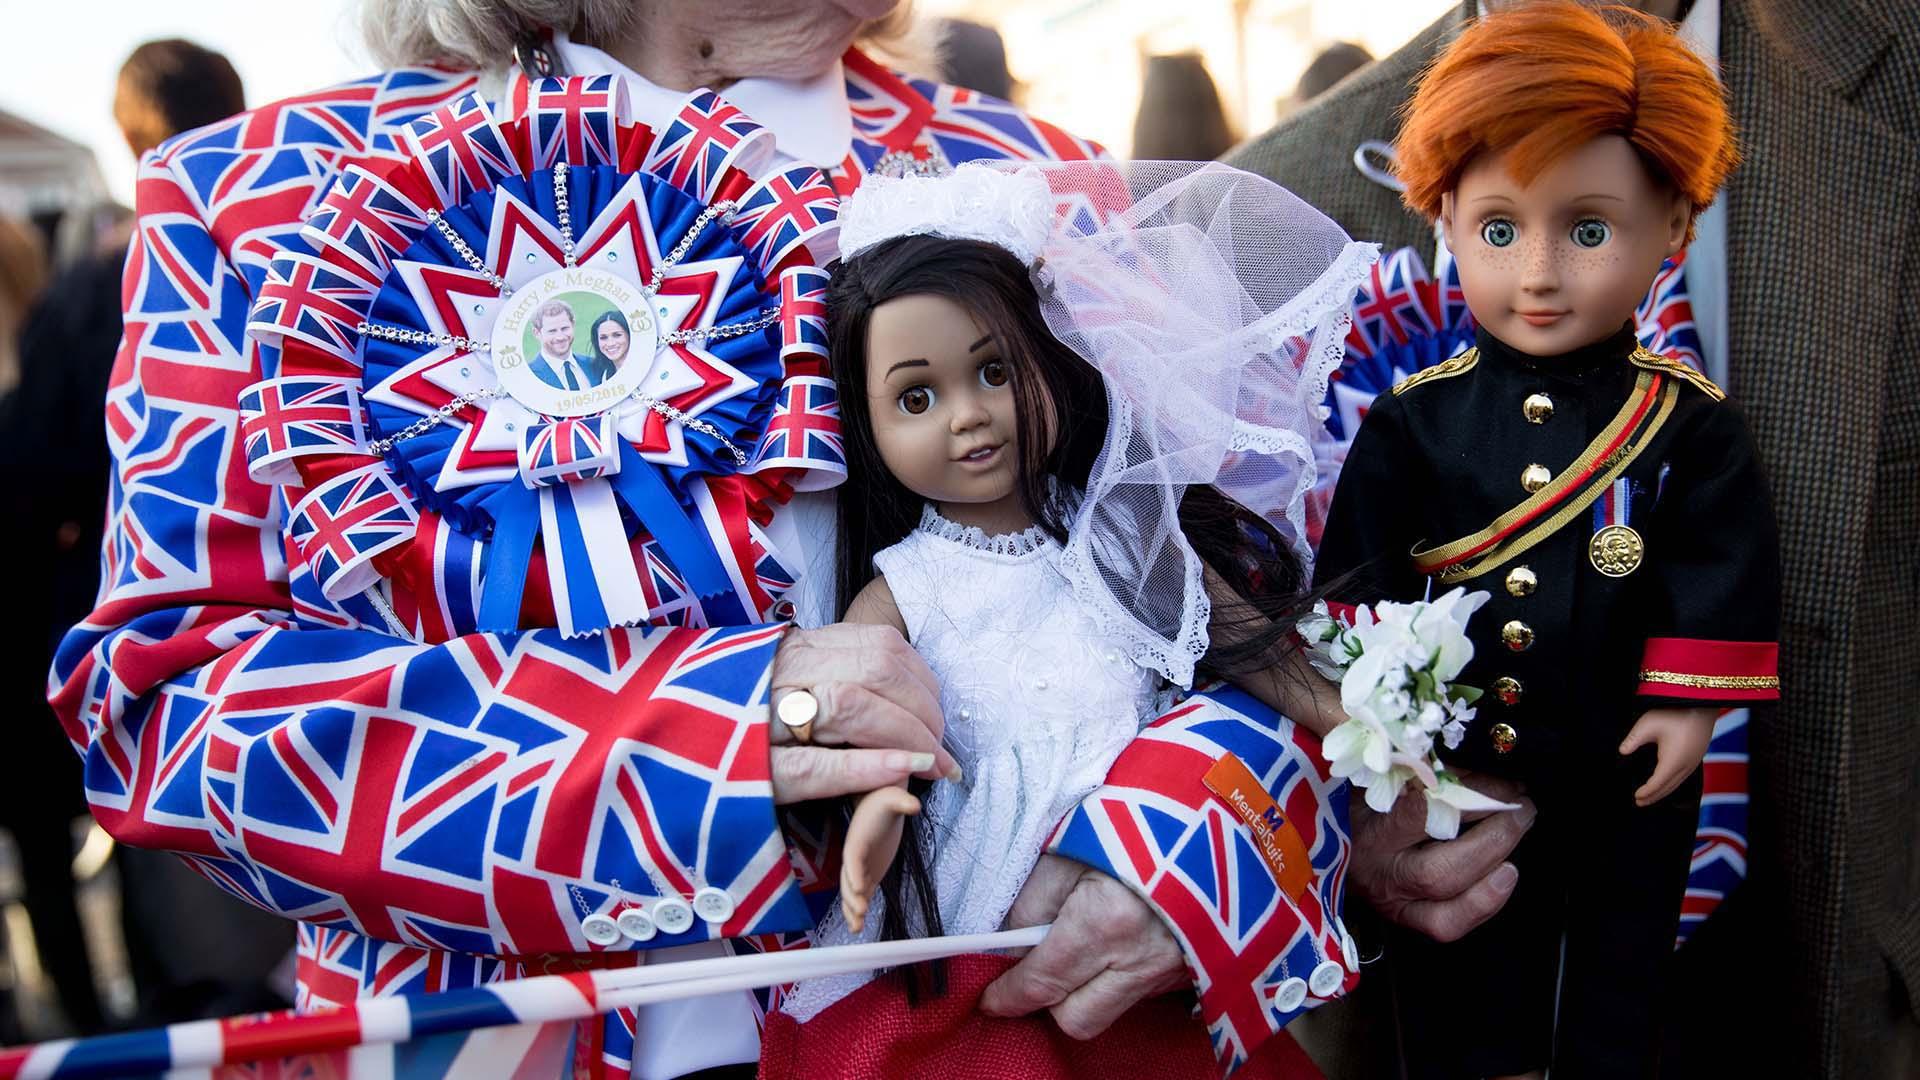 Tanto jóvenes como adultos se mezclaron entre la masa con particulares atuendos: desde banderines y gigantografías de los novios, hasta remeras temáticas y caras pintadas.